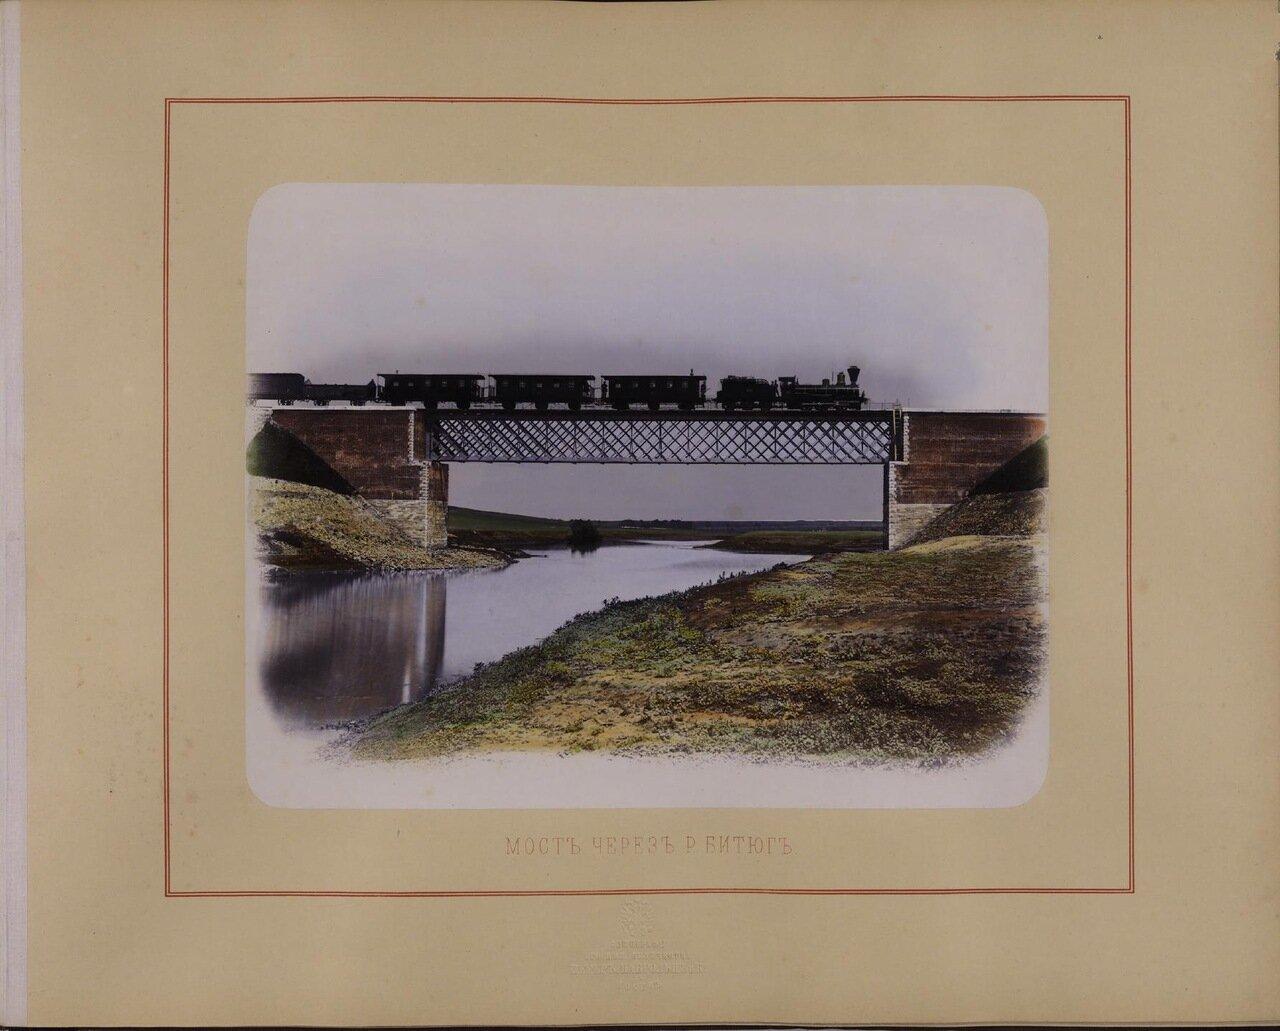 Мост через реку Битюг. Ателье «Шерер и Набгольц».— 1869 г.